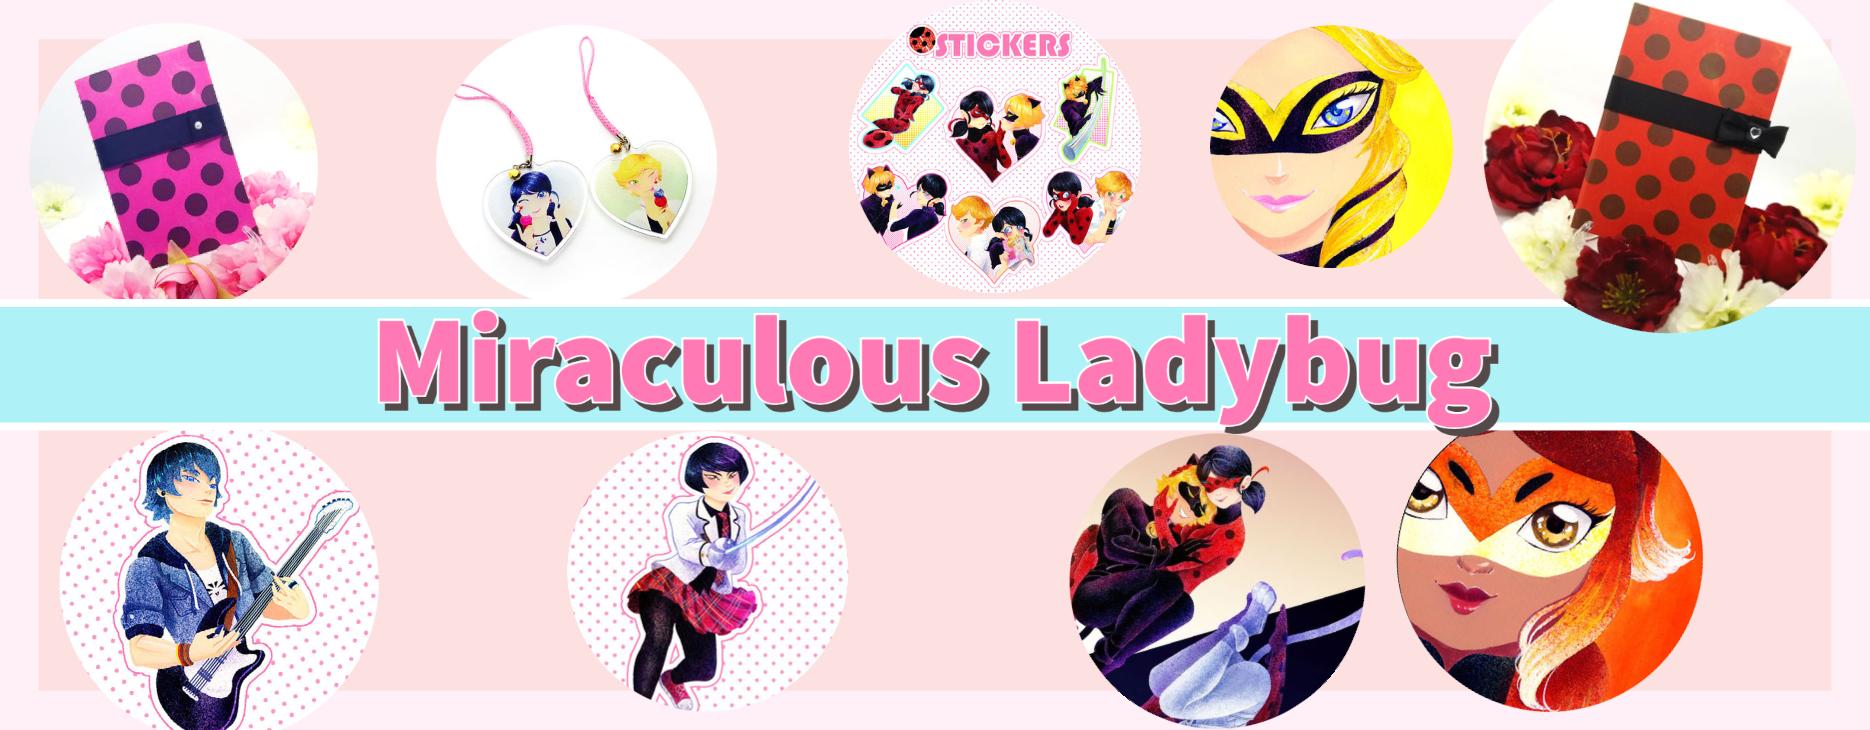 Miraculous Ladybug product banner